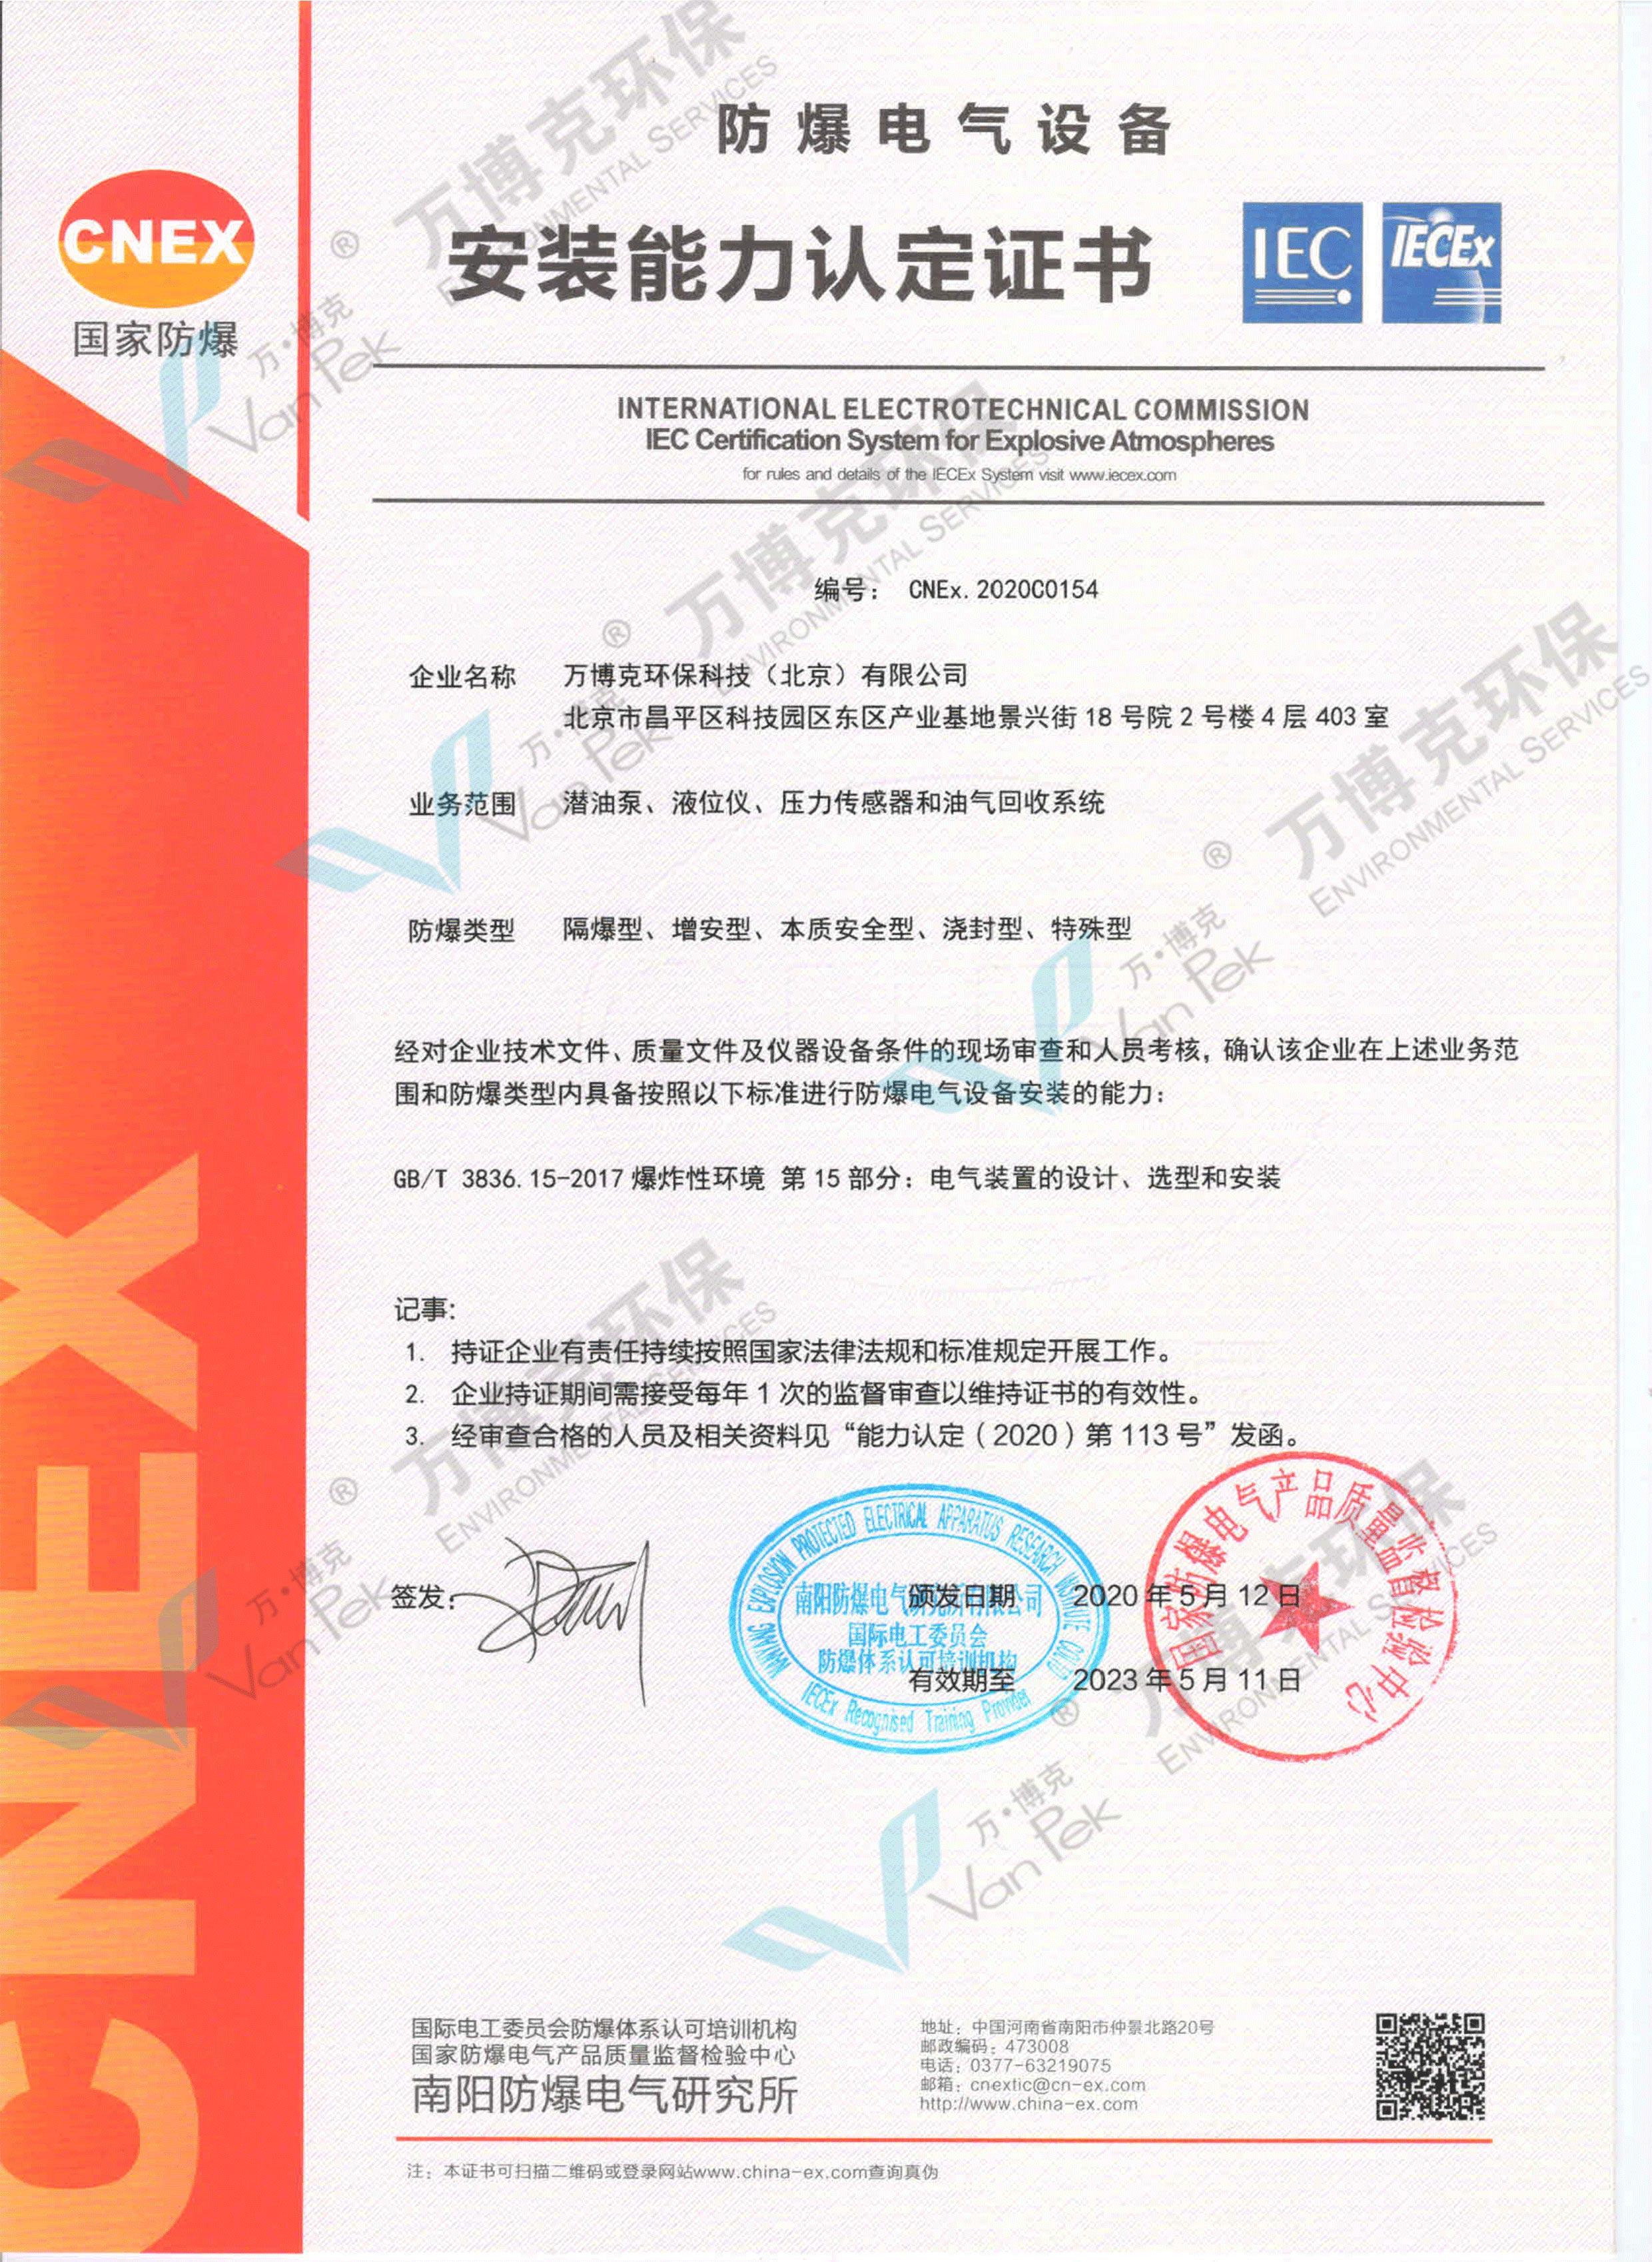 2020年5月,萬博克榮獲國家防爆電氣設備安裝能力證書和維護能力證書